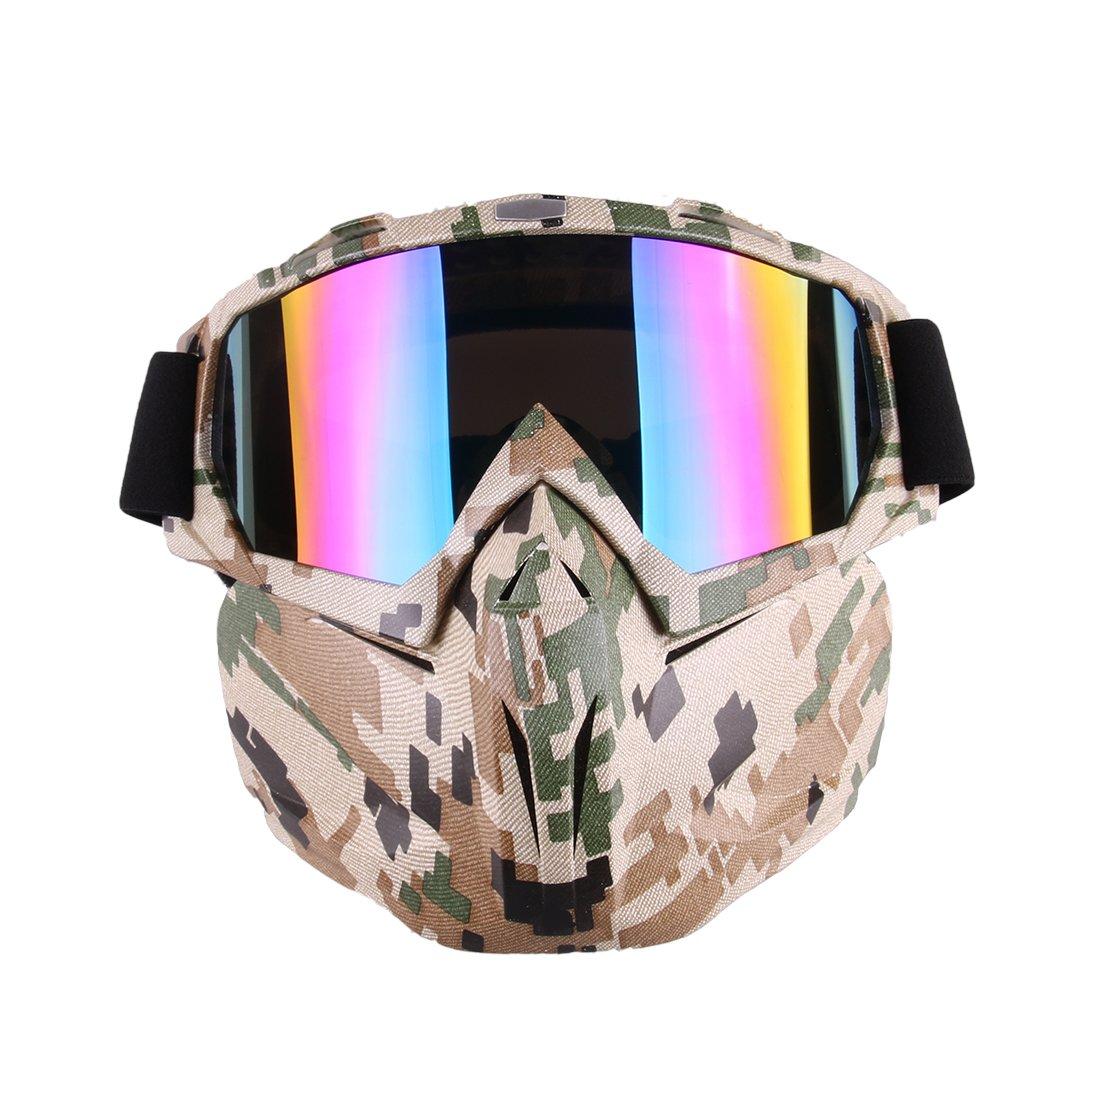 iVansa Masque Tactique, Masque Camouflable Paintball Masque de Protection Masque Airsoft Enfant pour Nerf, Nerf Rival, CS etc. - 5 x 18 x 18,5cm